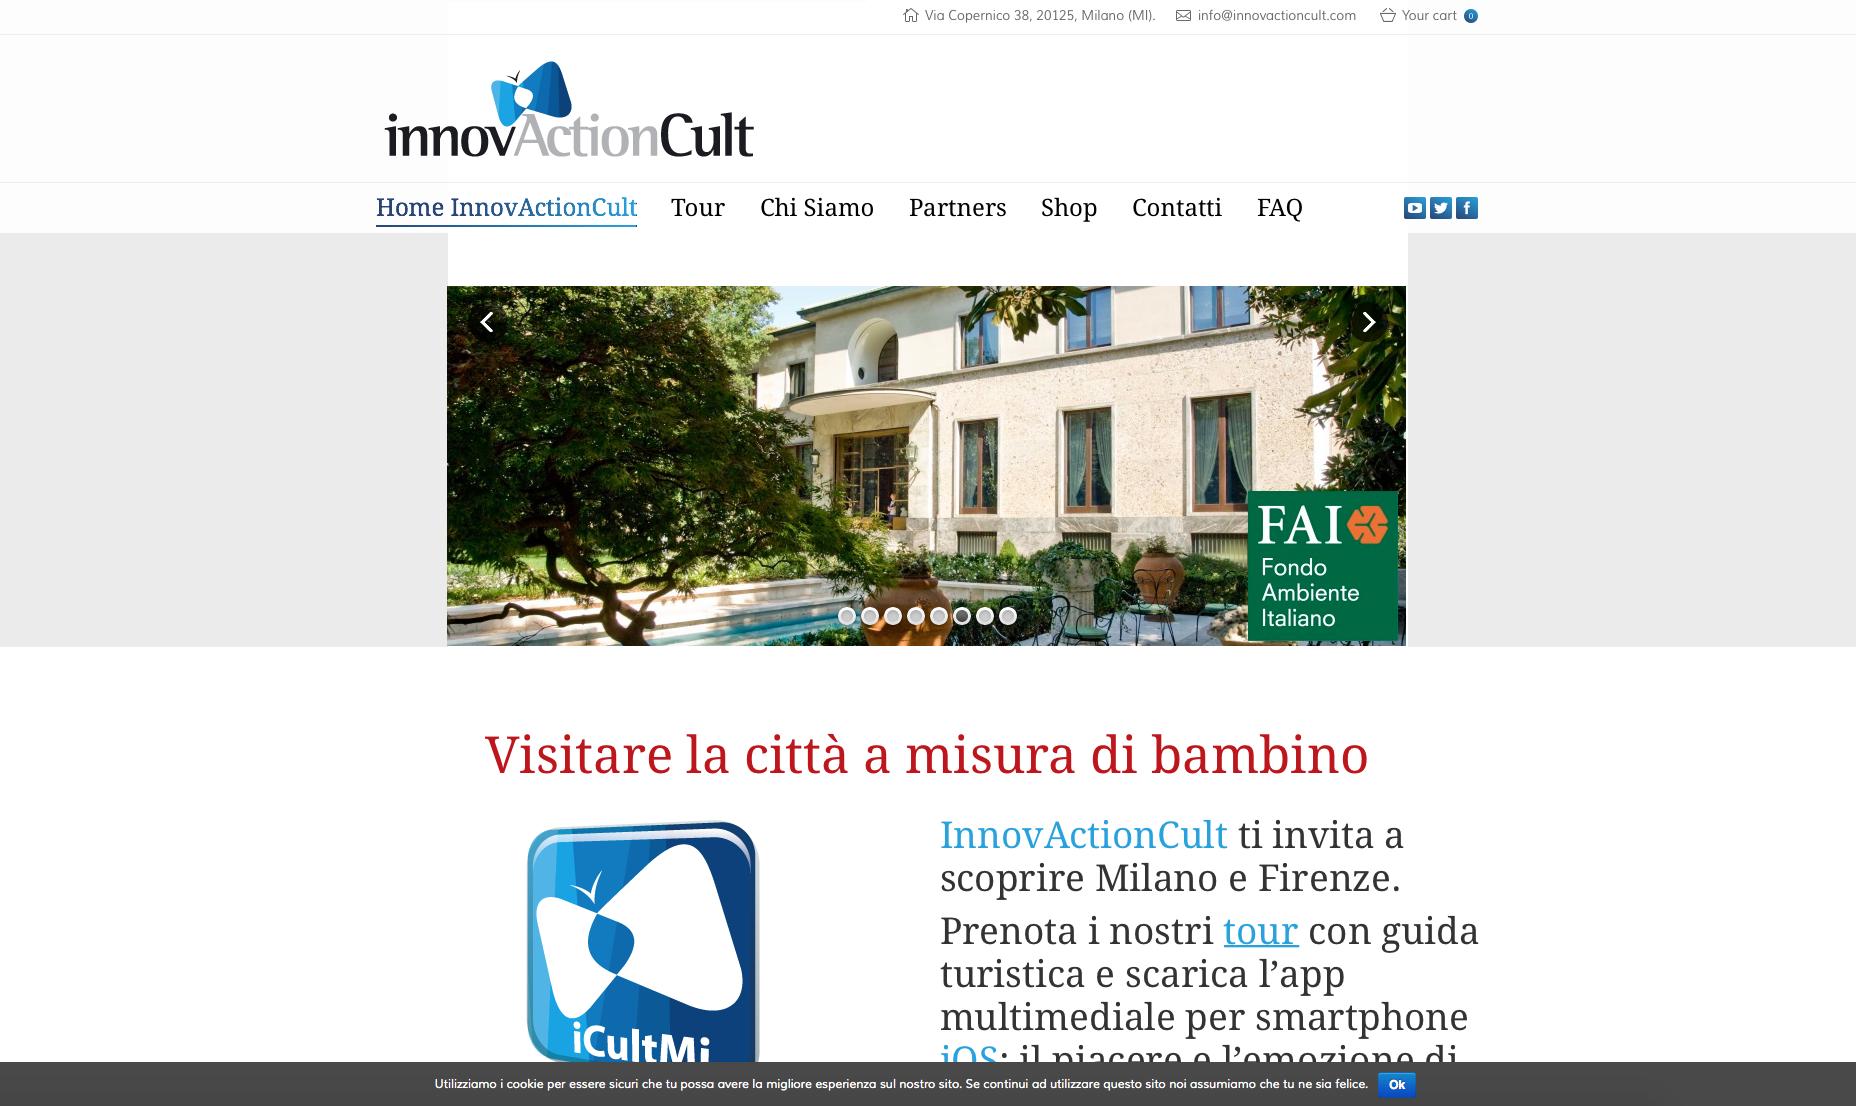 innovactioncult it nuovo sito web sviluppato da geofelix